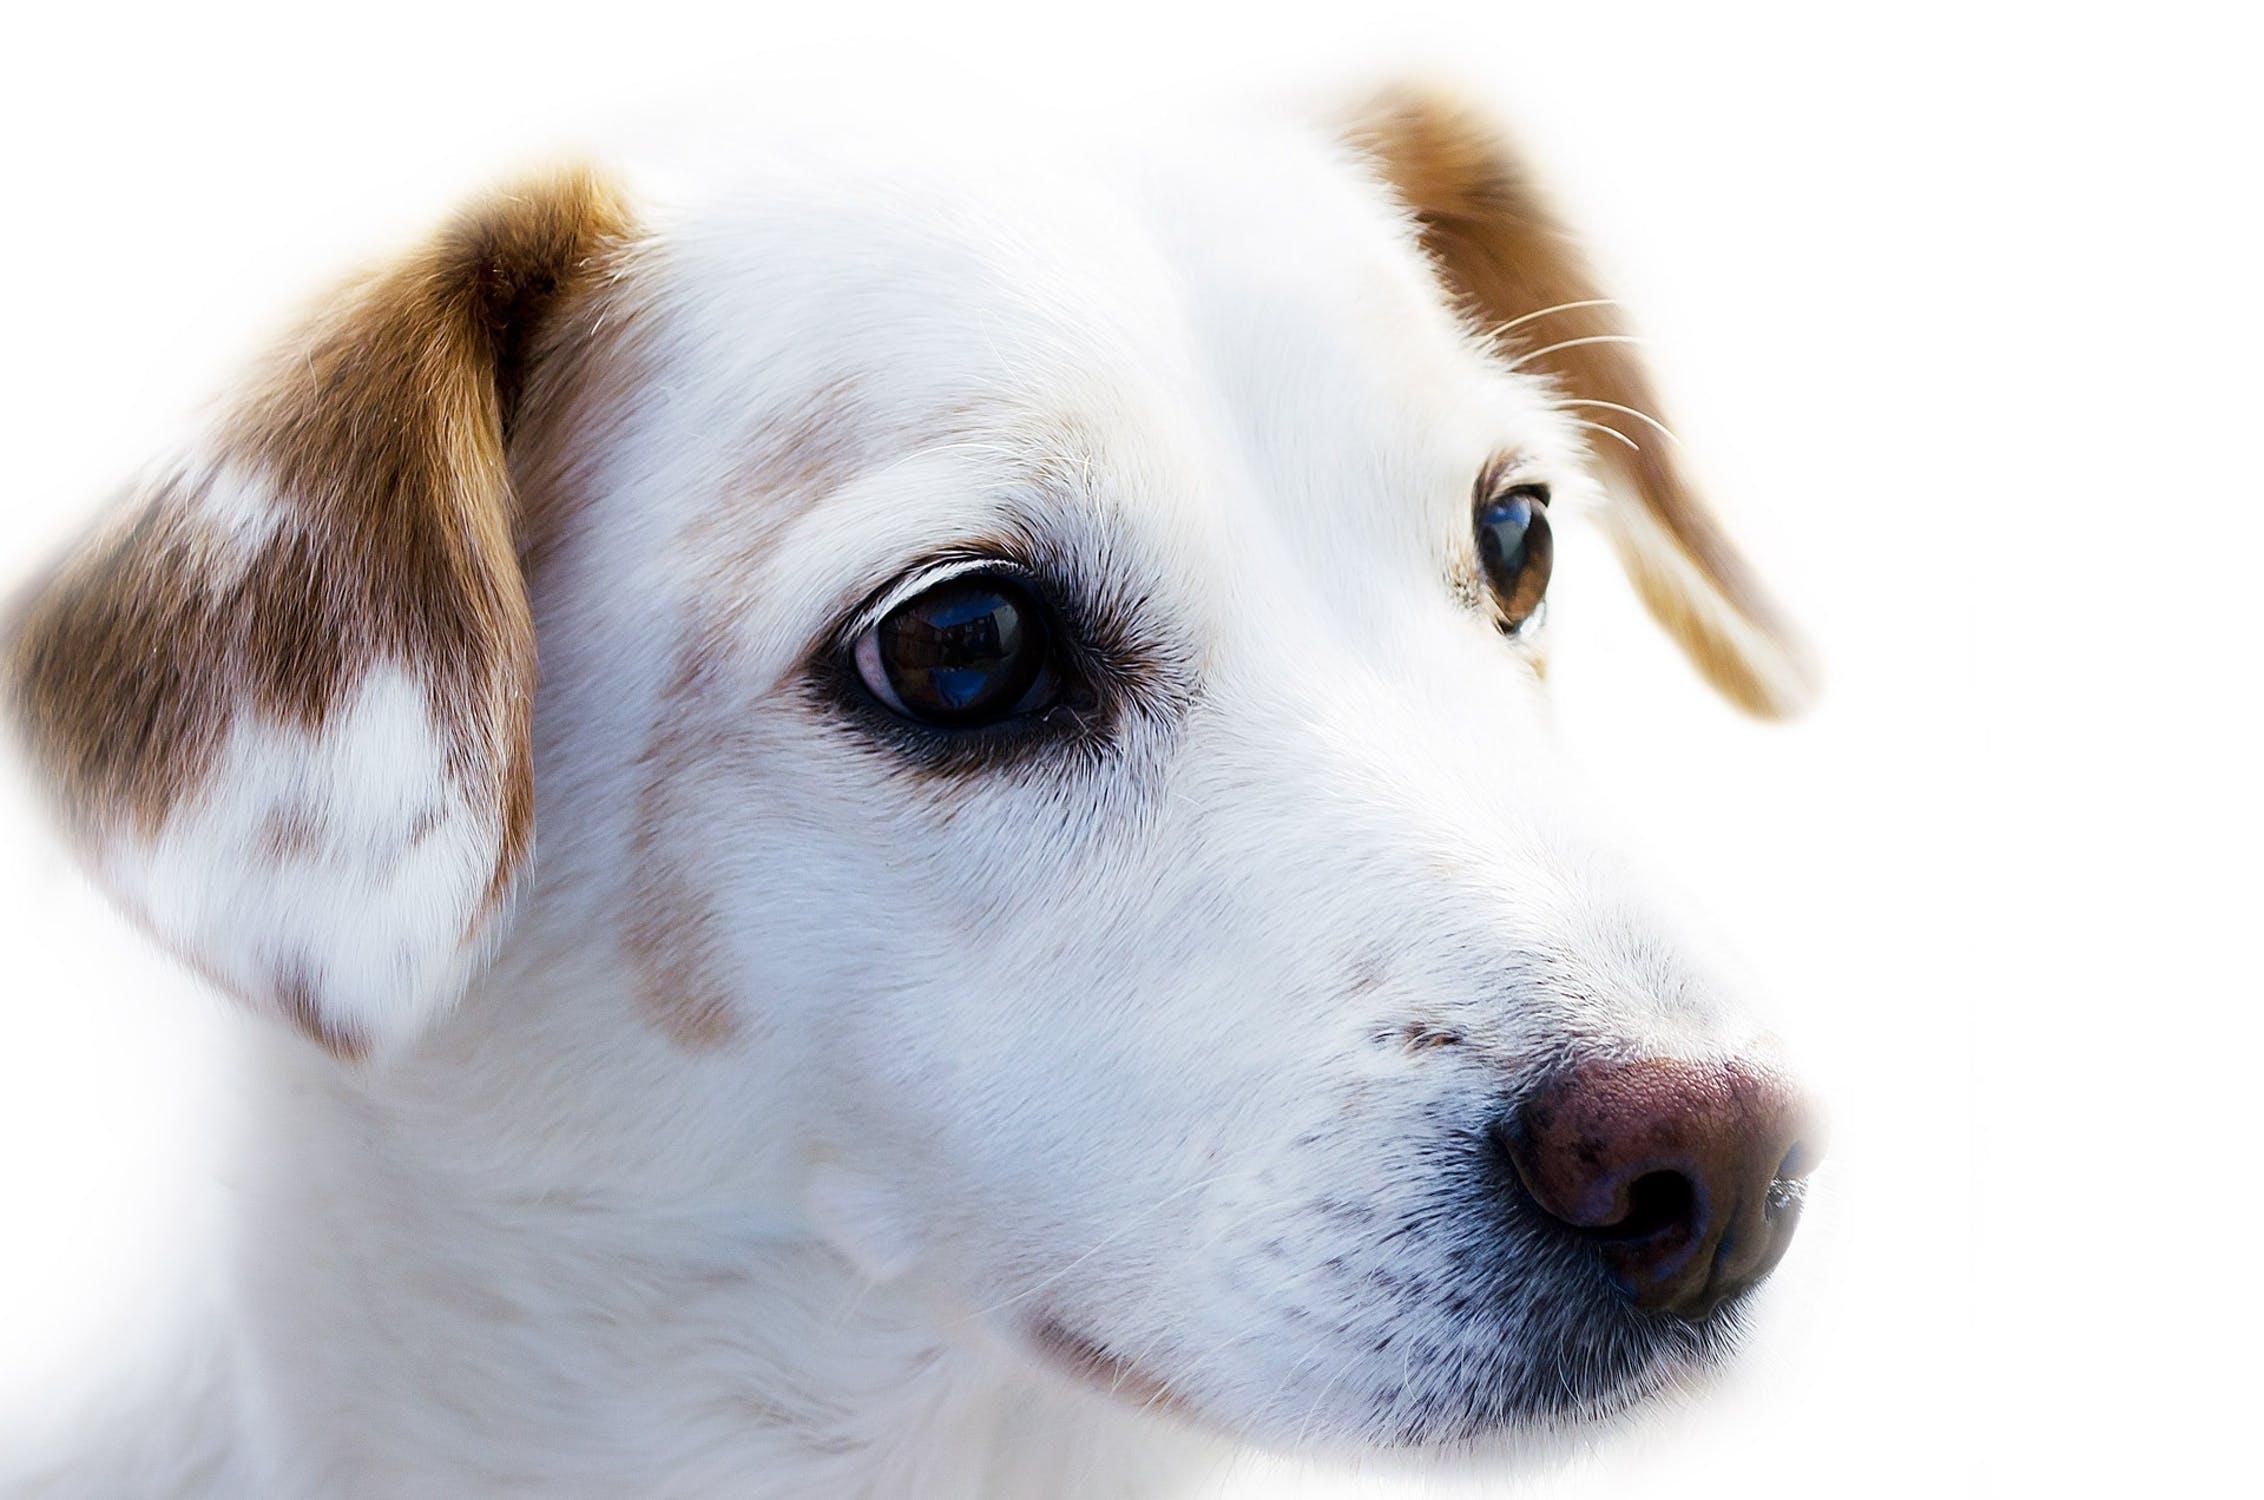 dog-animal-friend-loyalty-67304.jpeg